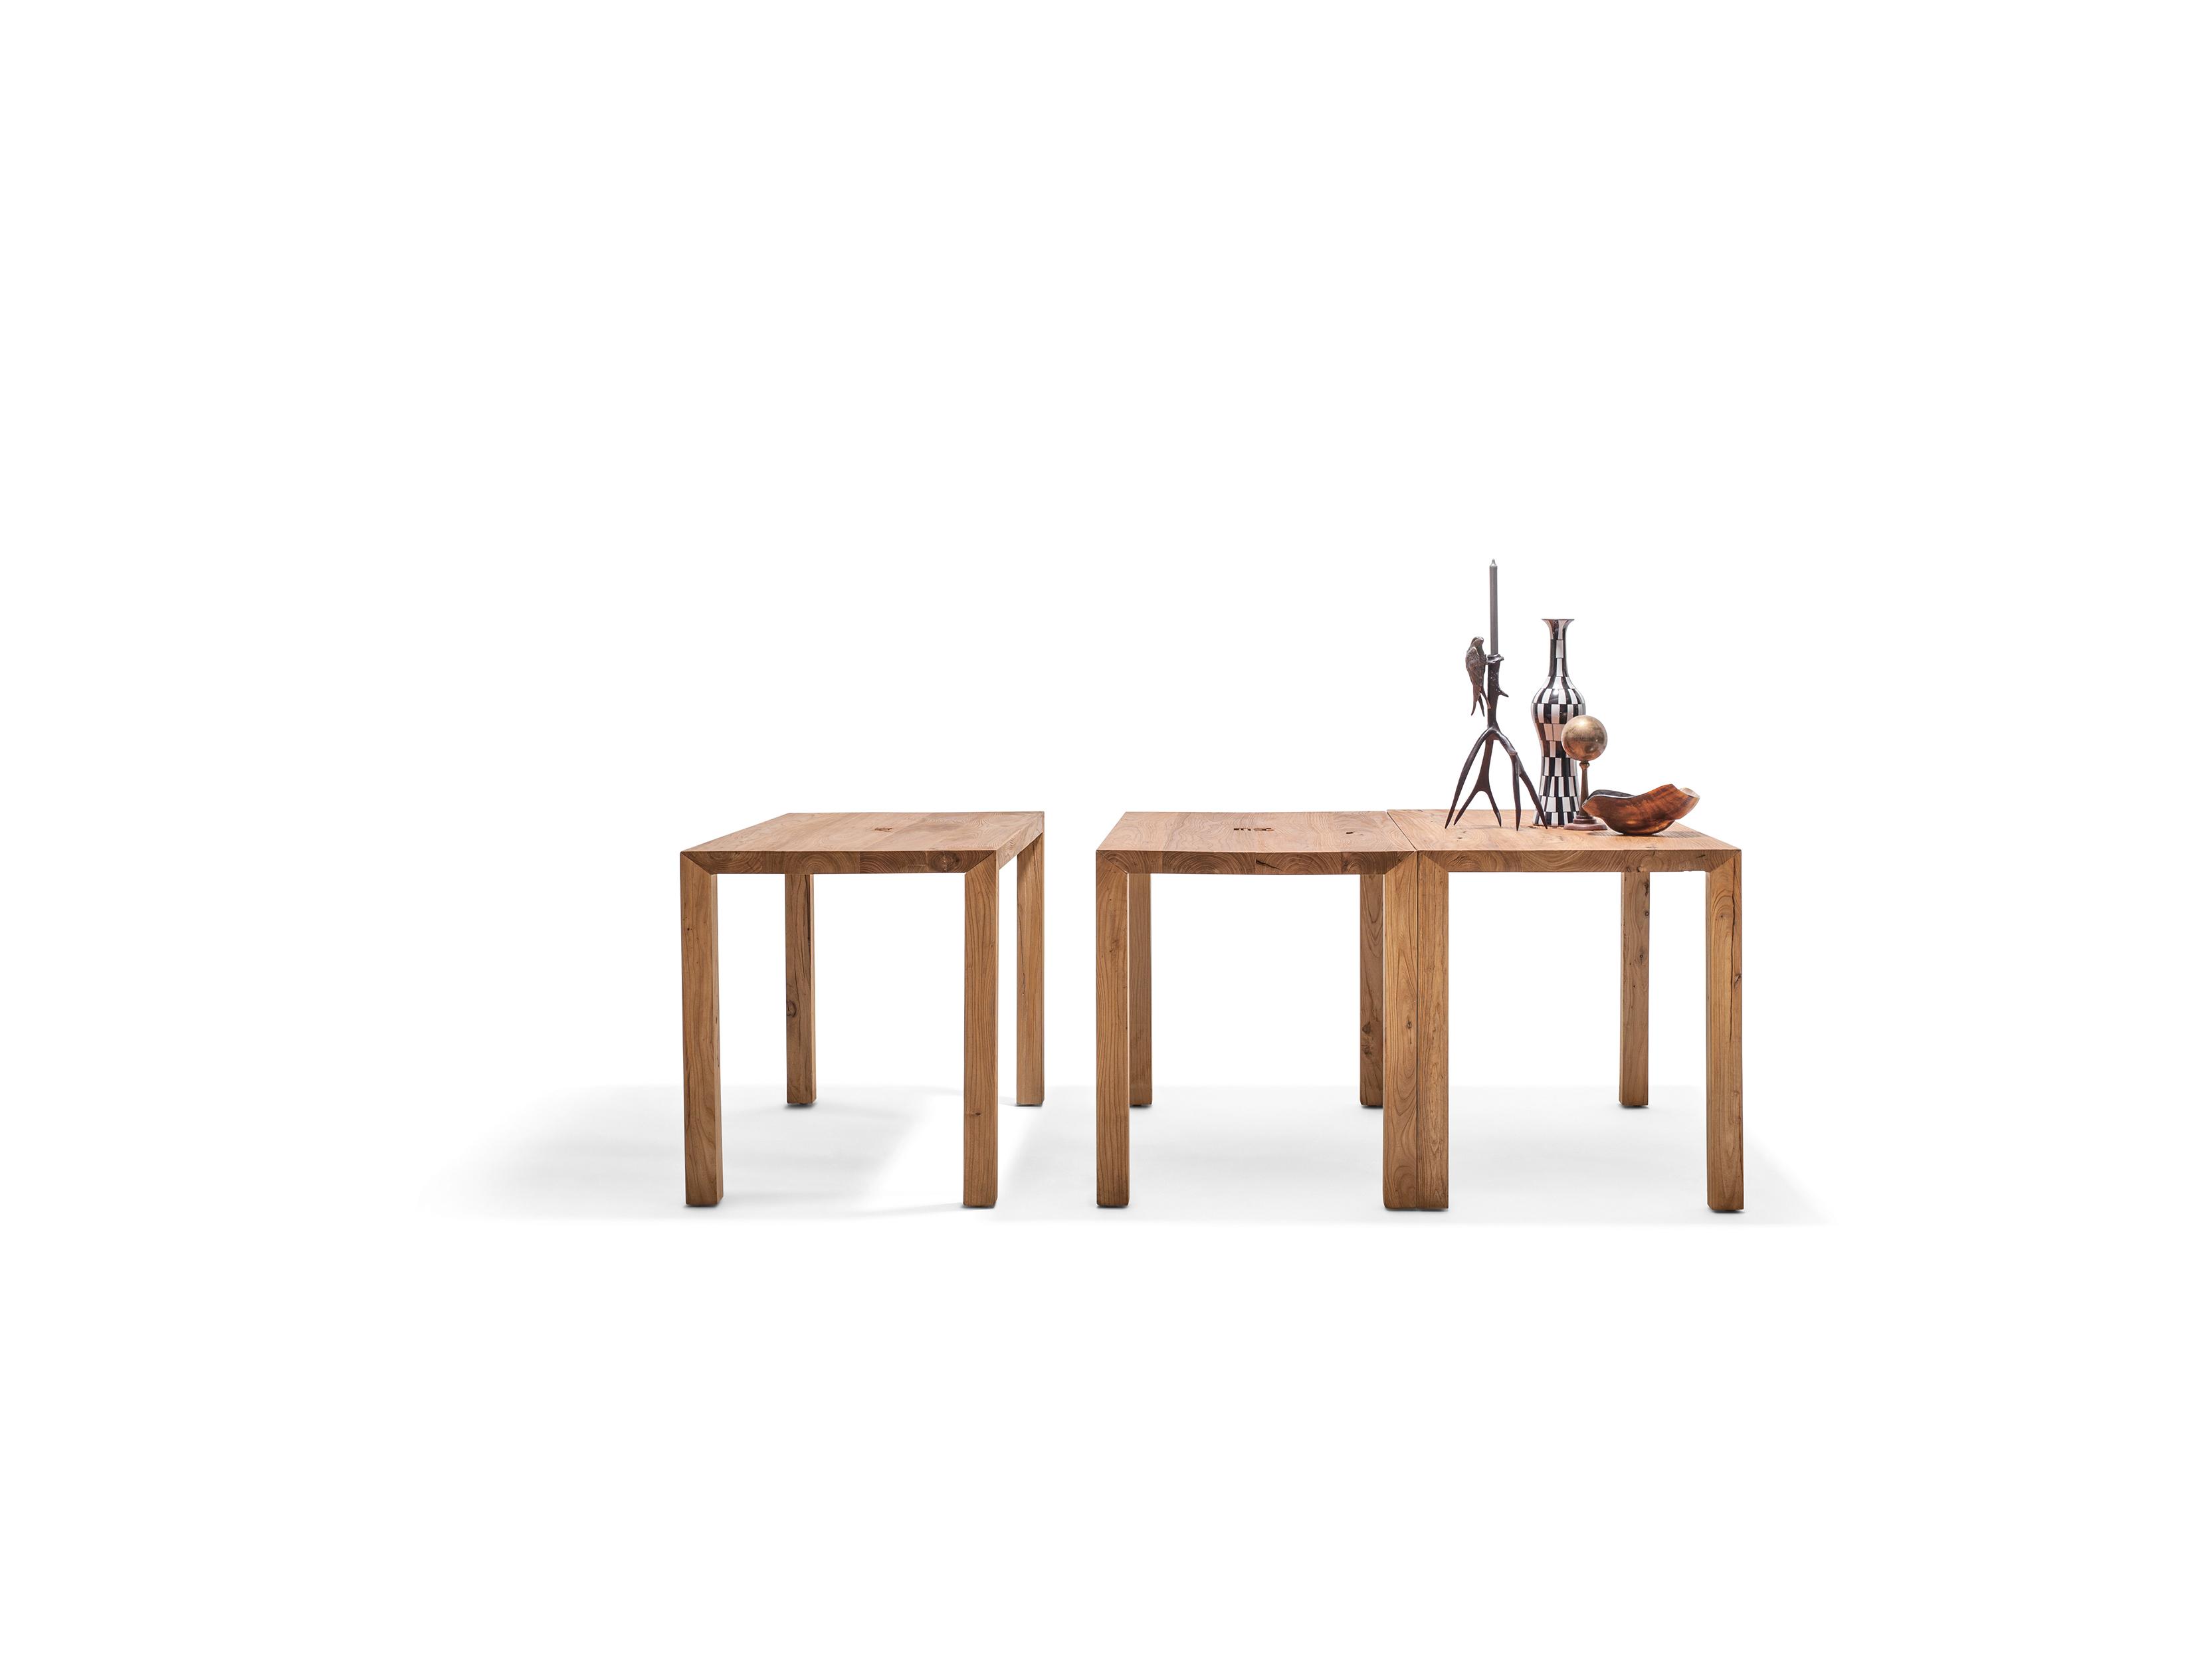 Möbel / Design / Wohnen / Leben